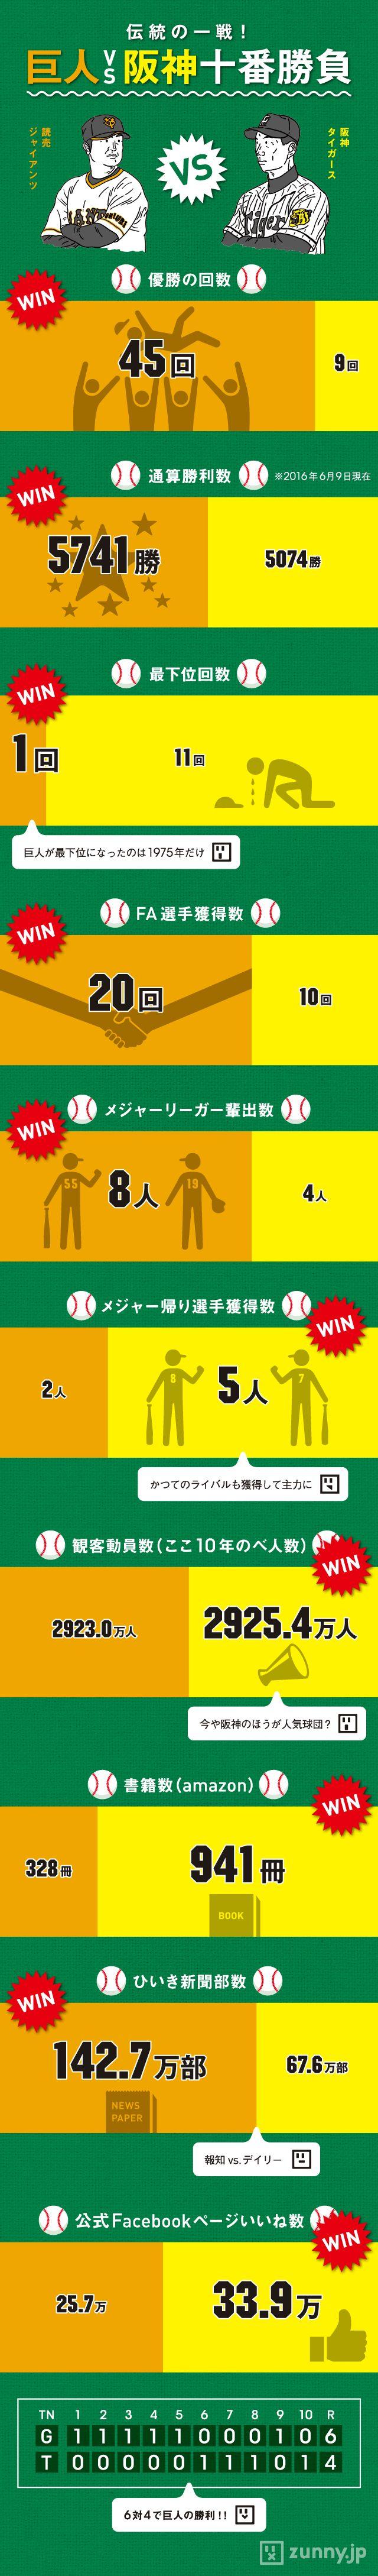 読売巨人軍と阪神タイガースは、プロ野球の歴史において特別なライバル関係にある。古くは長嶋茂雄と村山 …